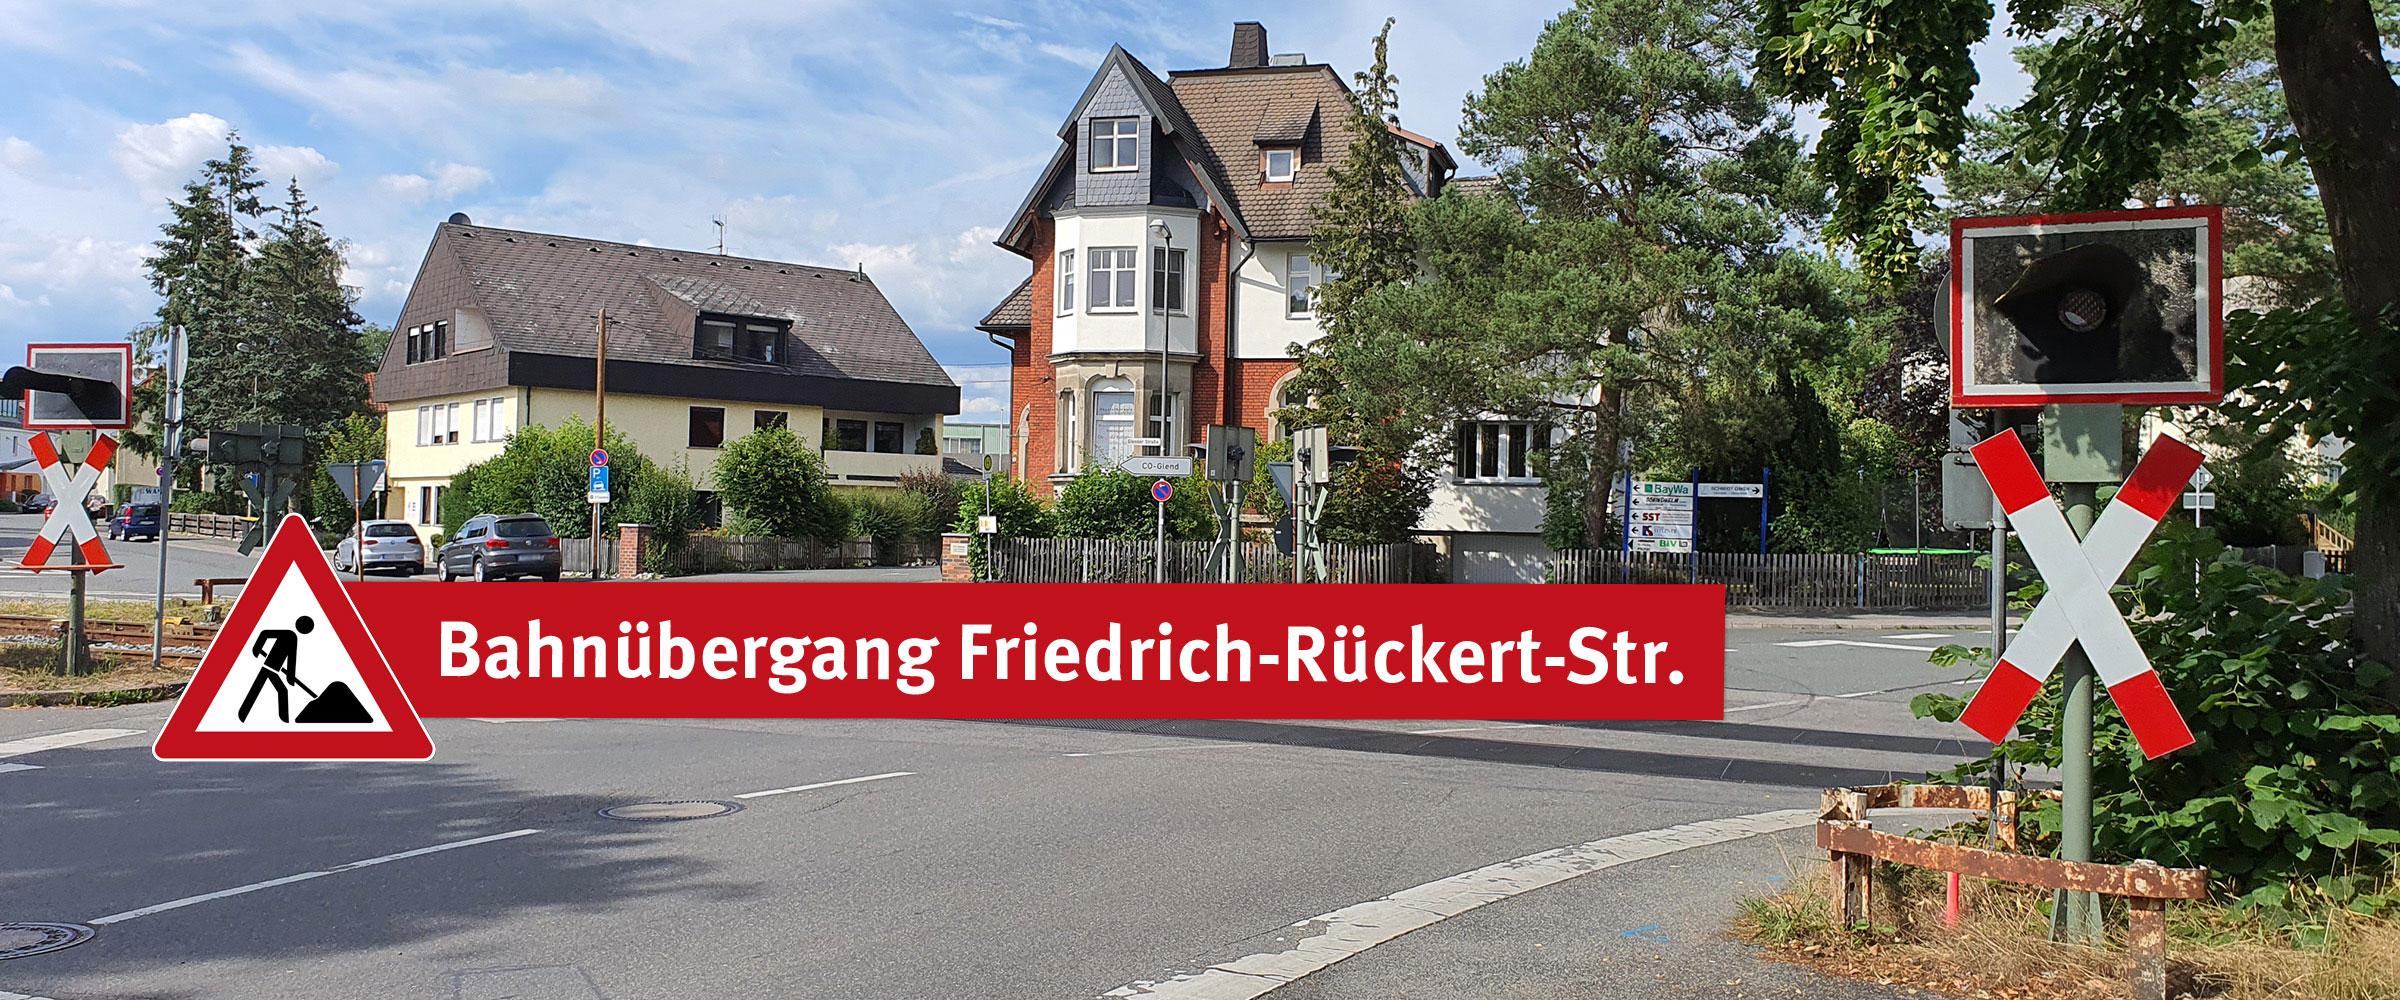 banner_bahnuebergang_friedrich_rueckert_str